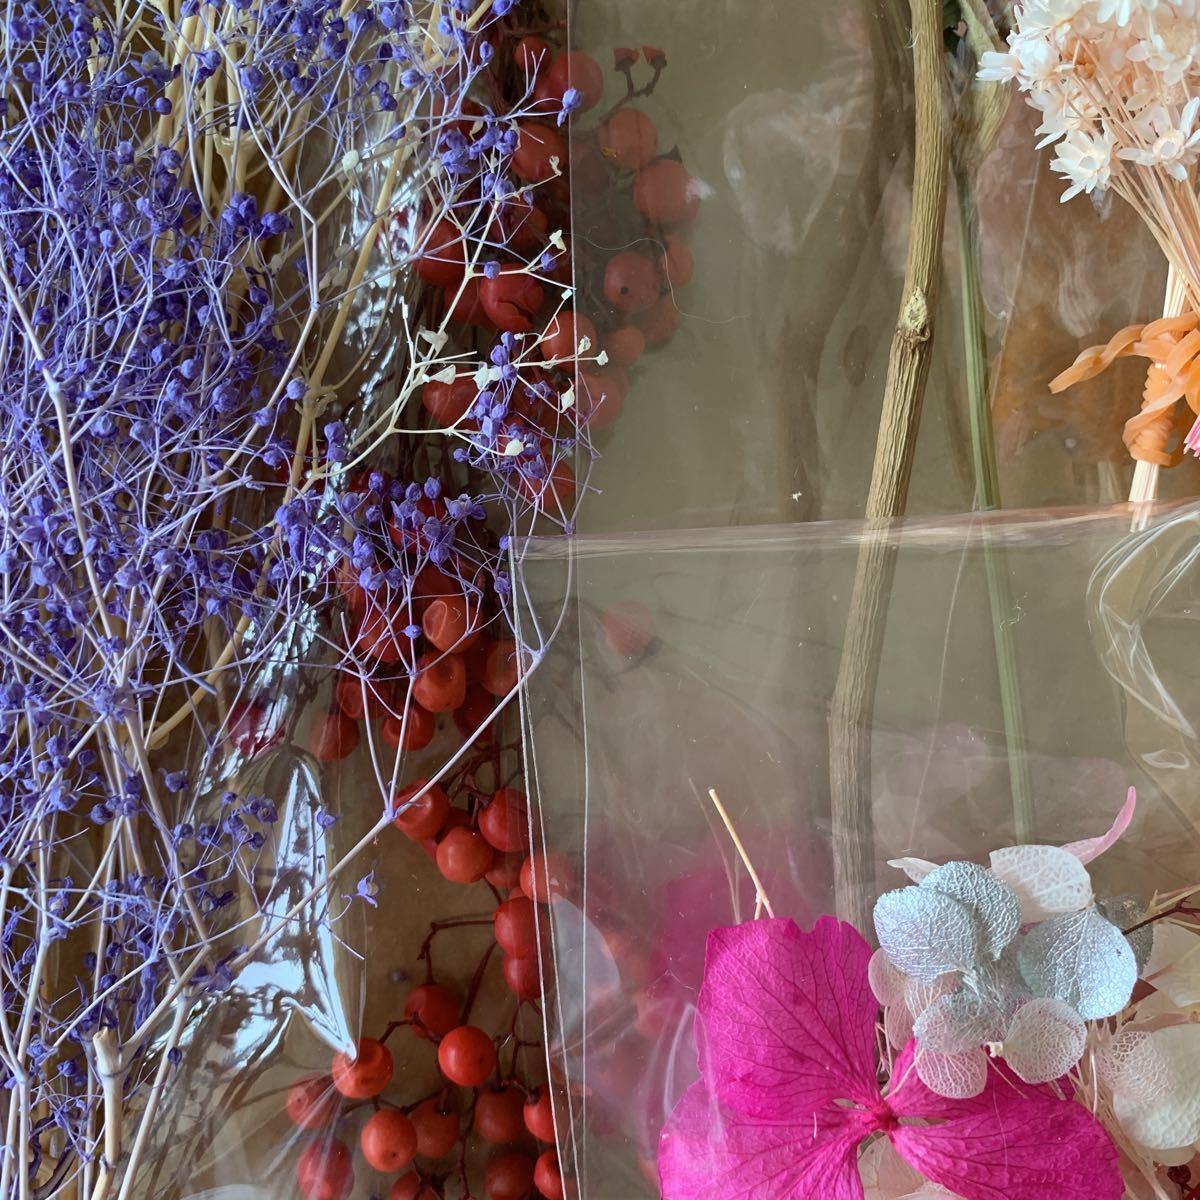 ハーバリウム花材 プリザーブドフラワー ドライフラワー ピンク系_画像6